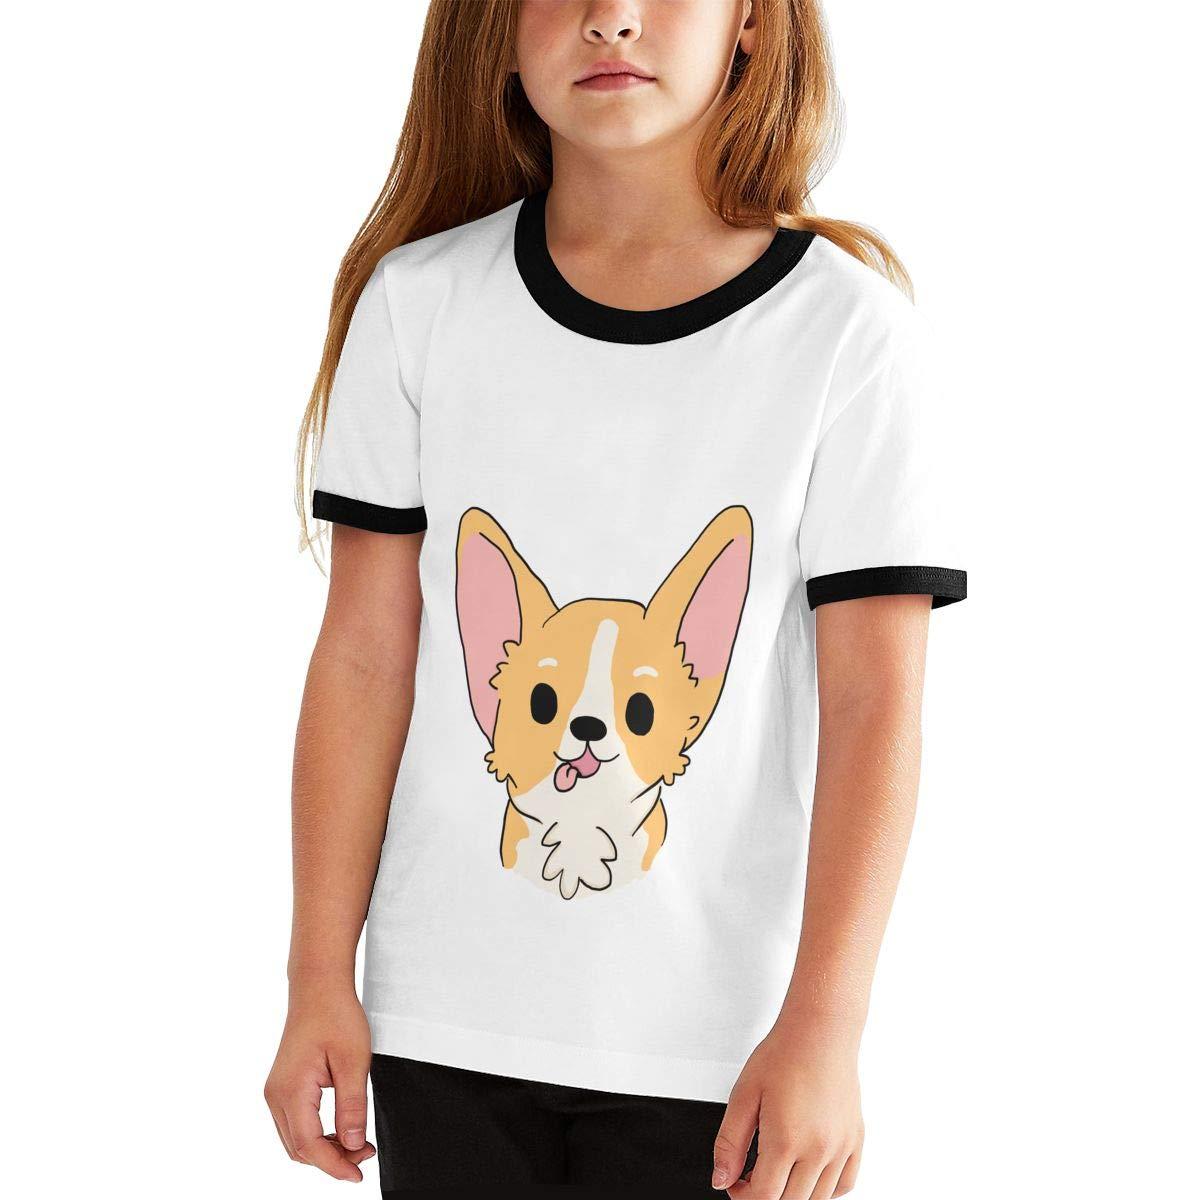 Funny Corgi Unisex Childrens Short Sleeve T-Shirt Kids Or Little Boys and Girls